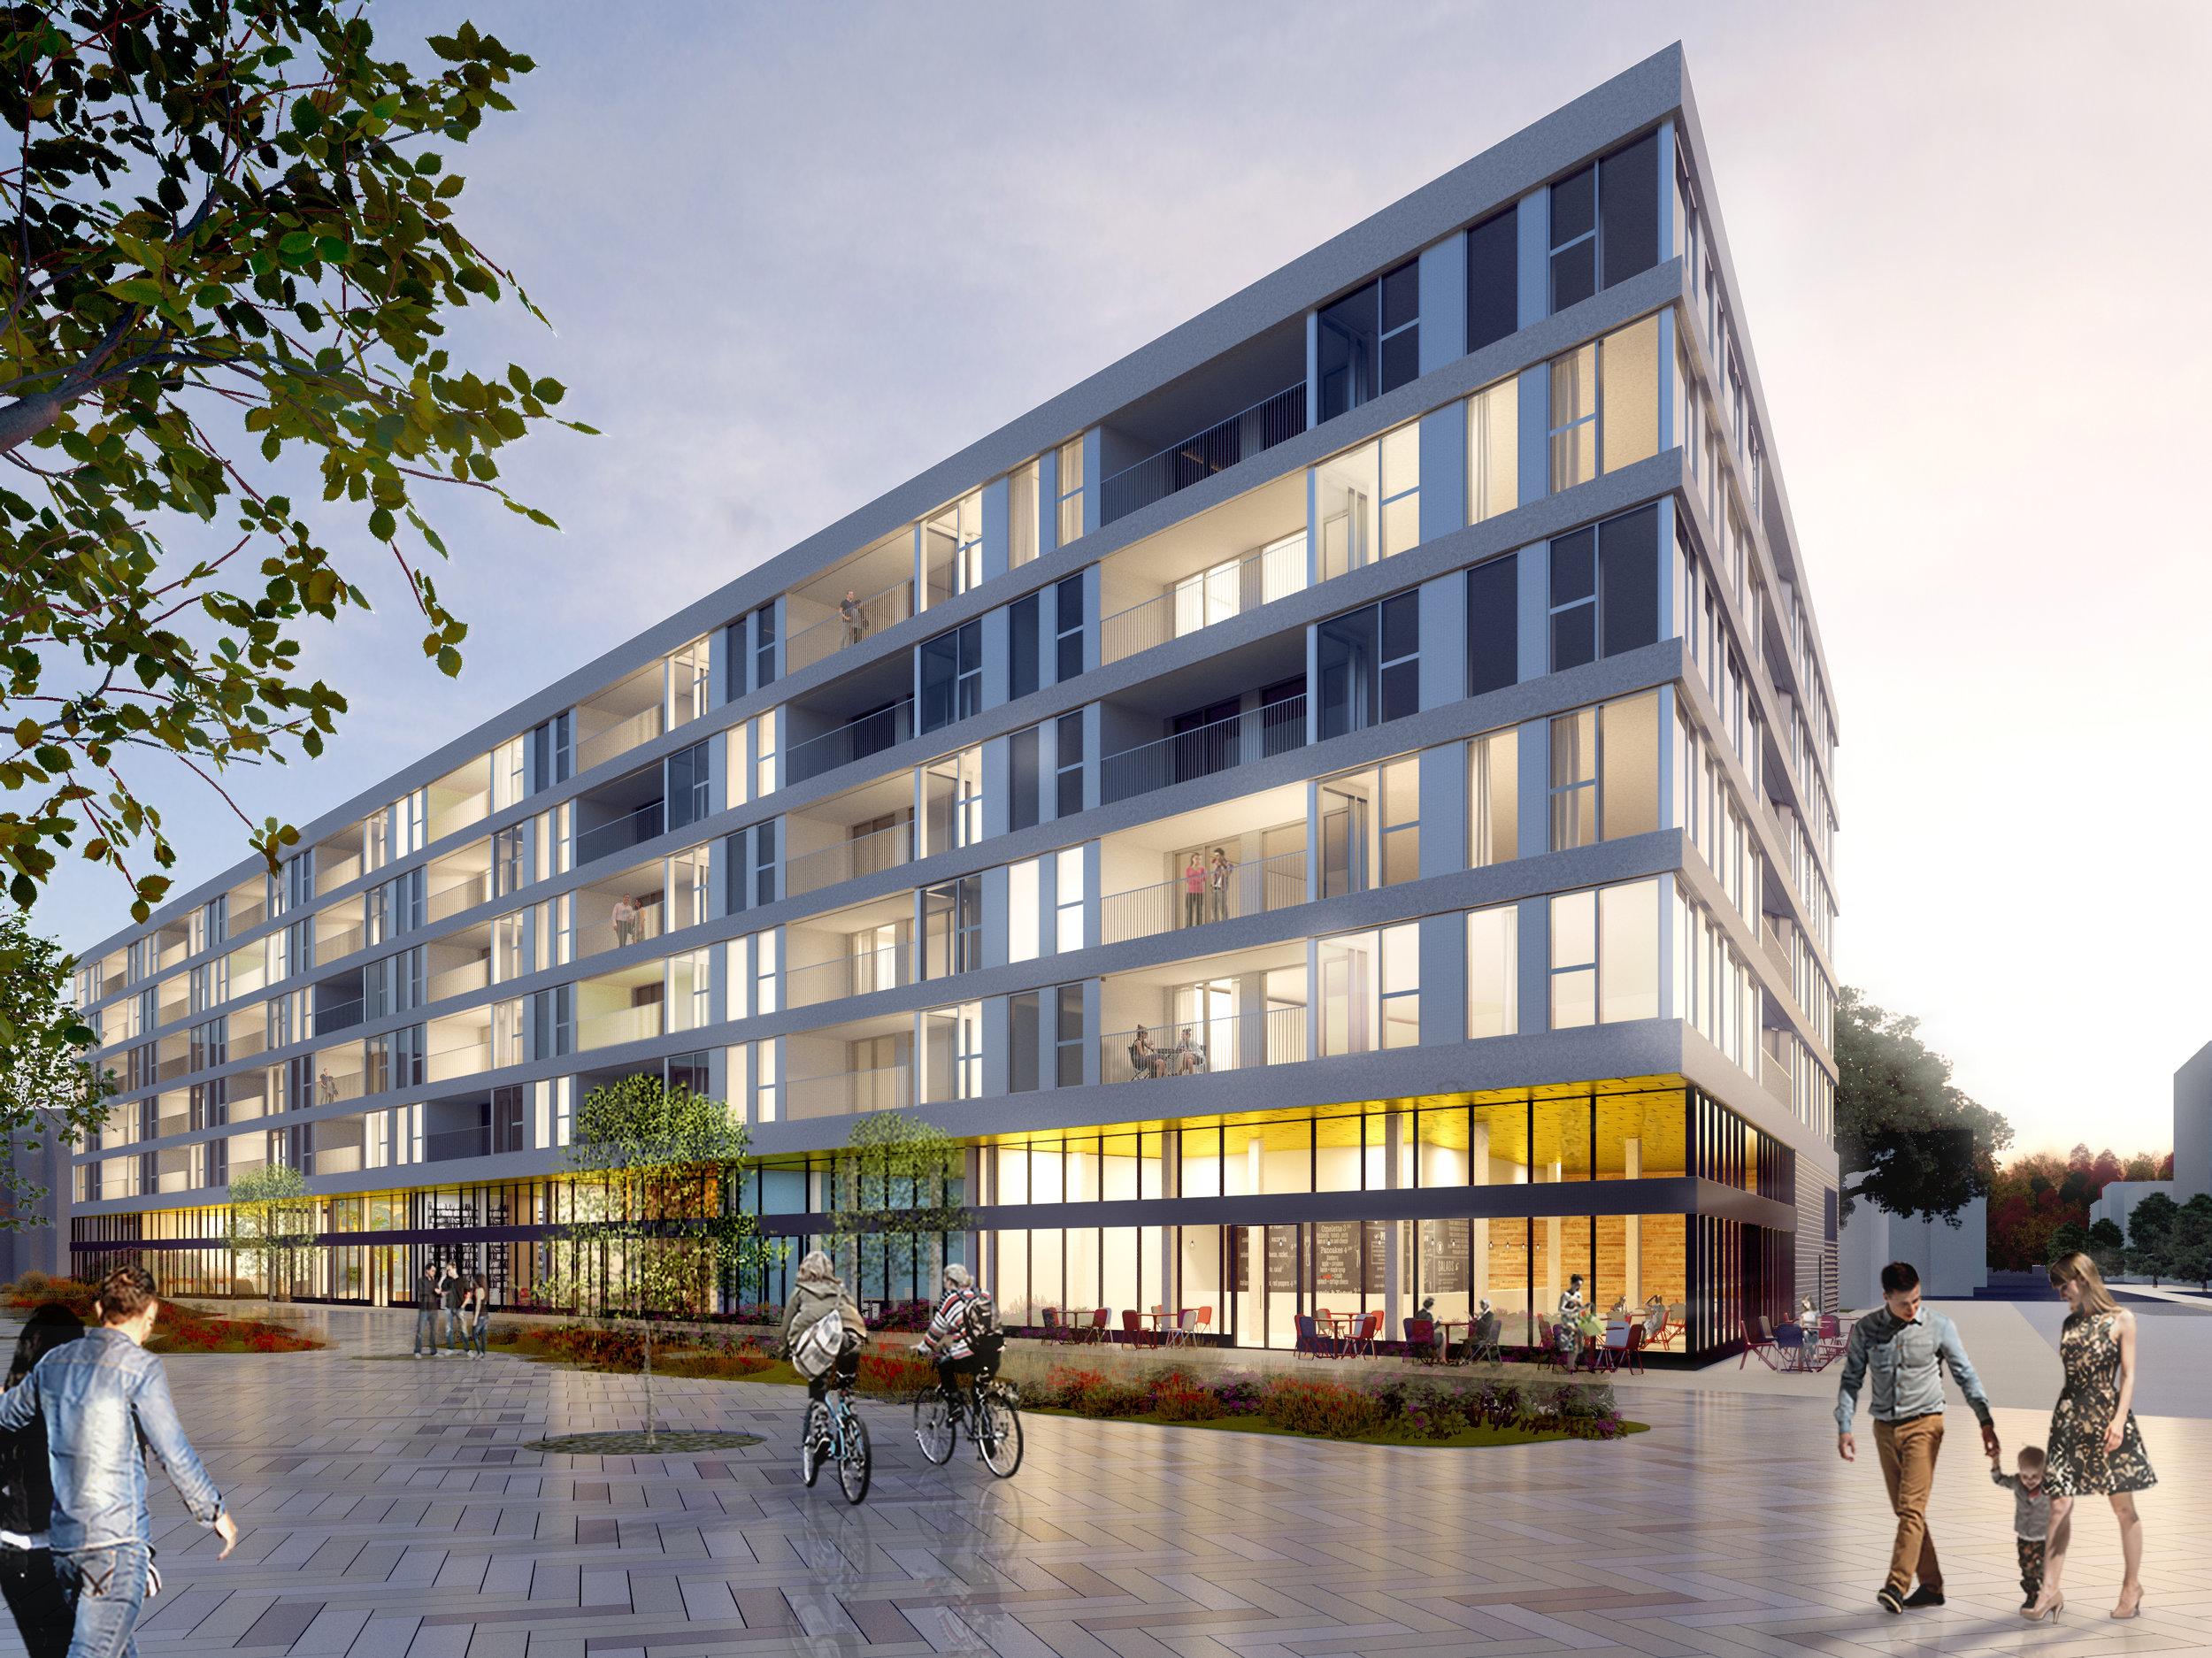 960 avenue Outremont – ICMG Holding   Projet mixte résidentiel et commercial dont le rez-de-chaussée de 1850 m2 donne accès au hall d'entrée pour les 106 unités locatives réparties sur cinq étages, à l'aire de chargement et à un niveau de stationnement souterrain. Une toiture végétale est prévue au niveau 2.